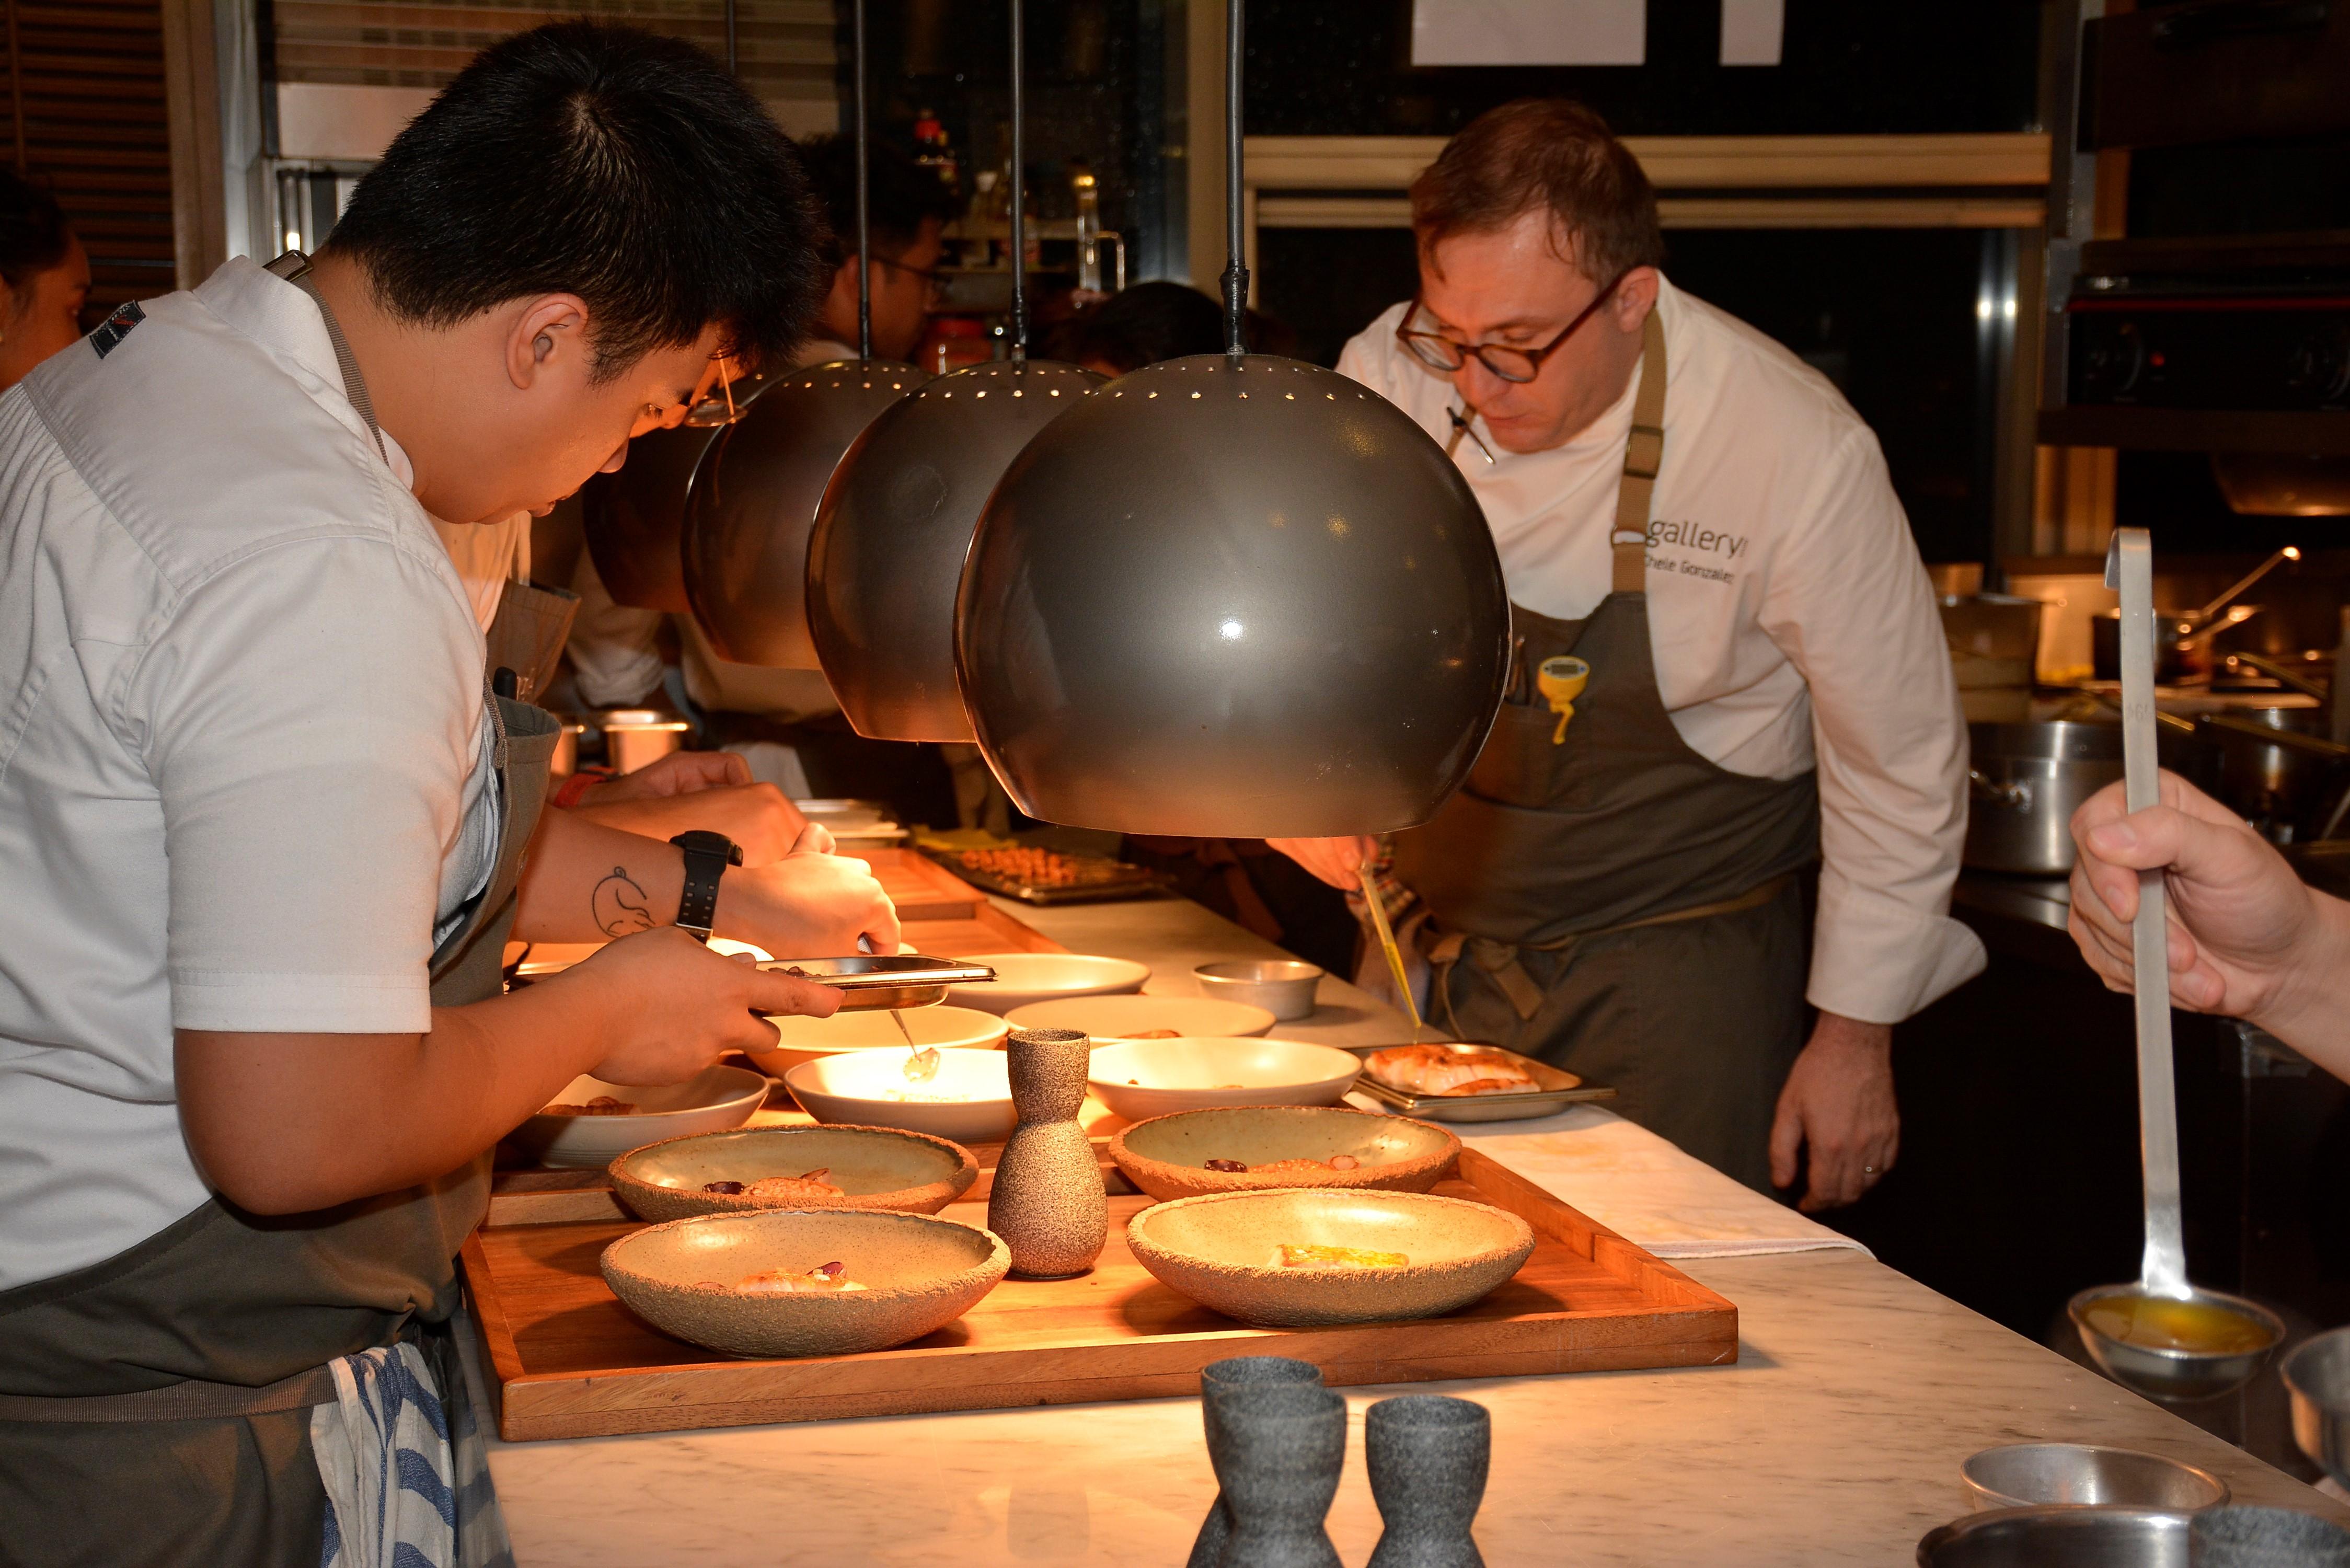 SEAFOOD DEGUSTATION DINNER